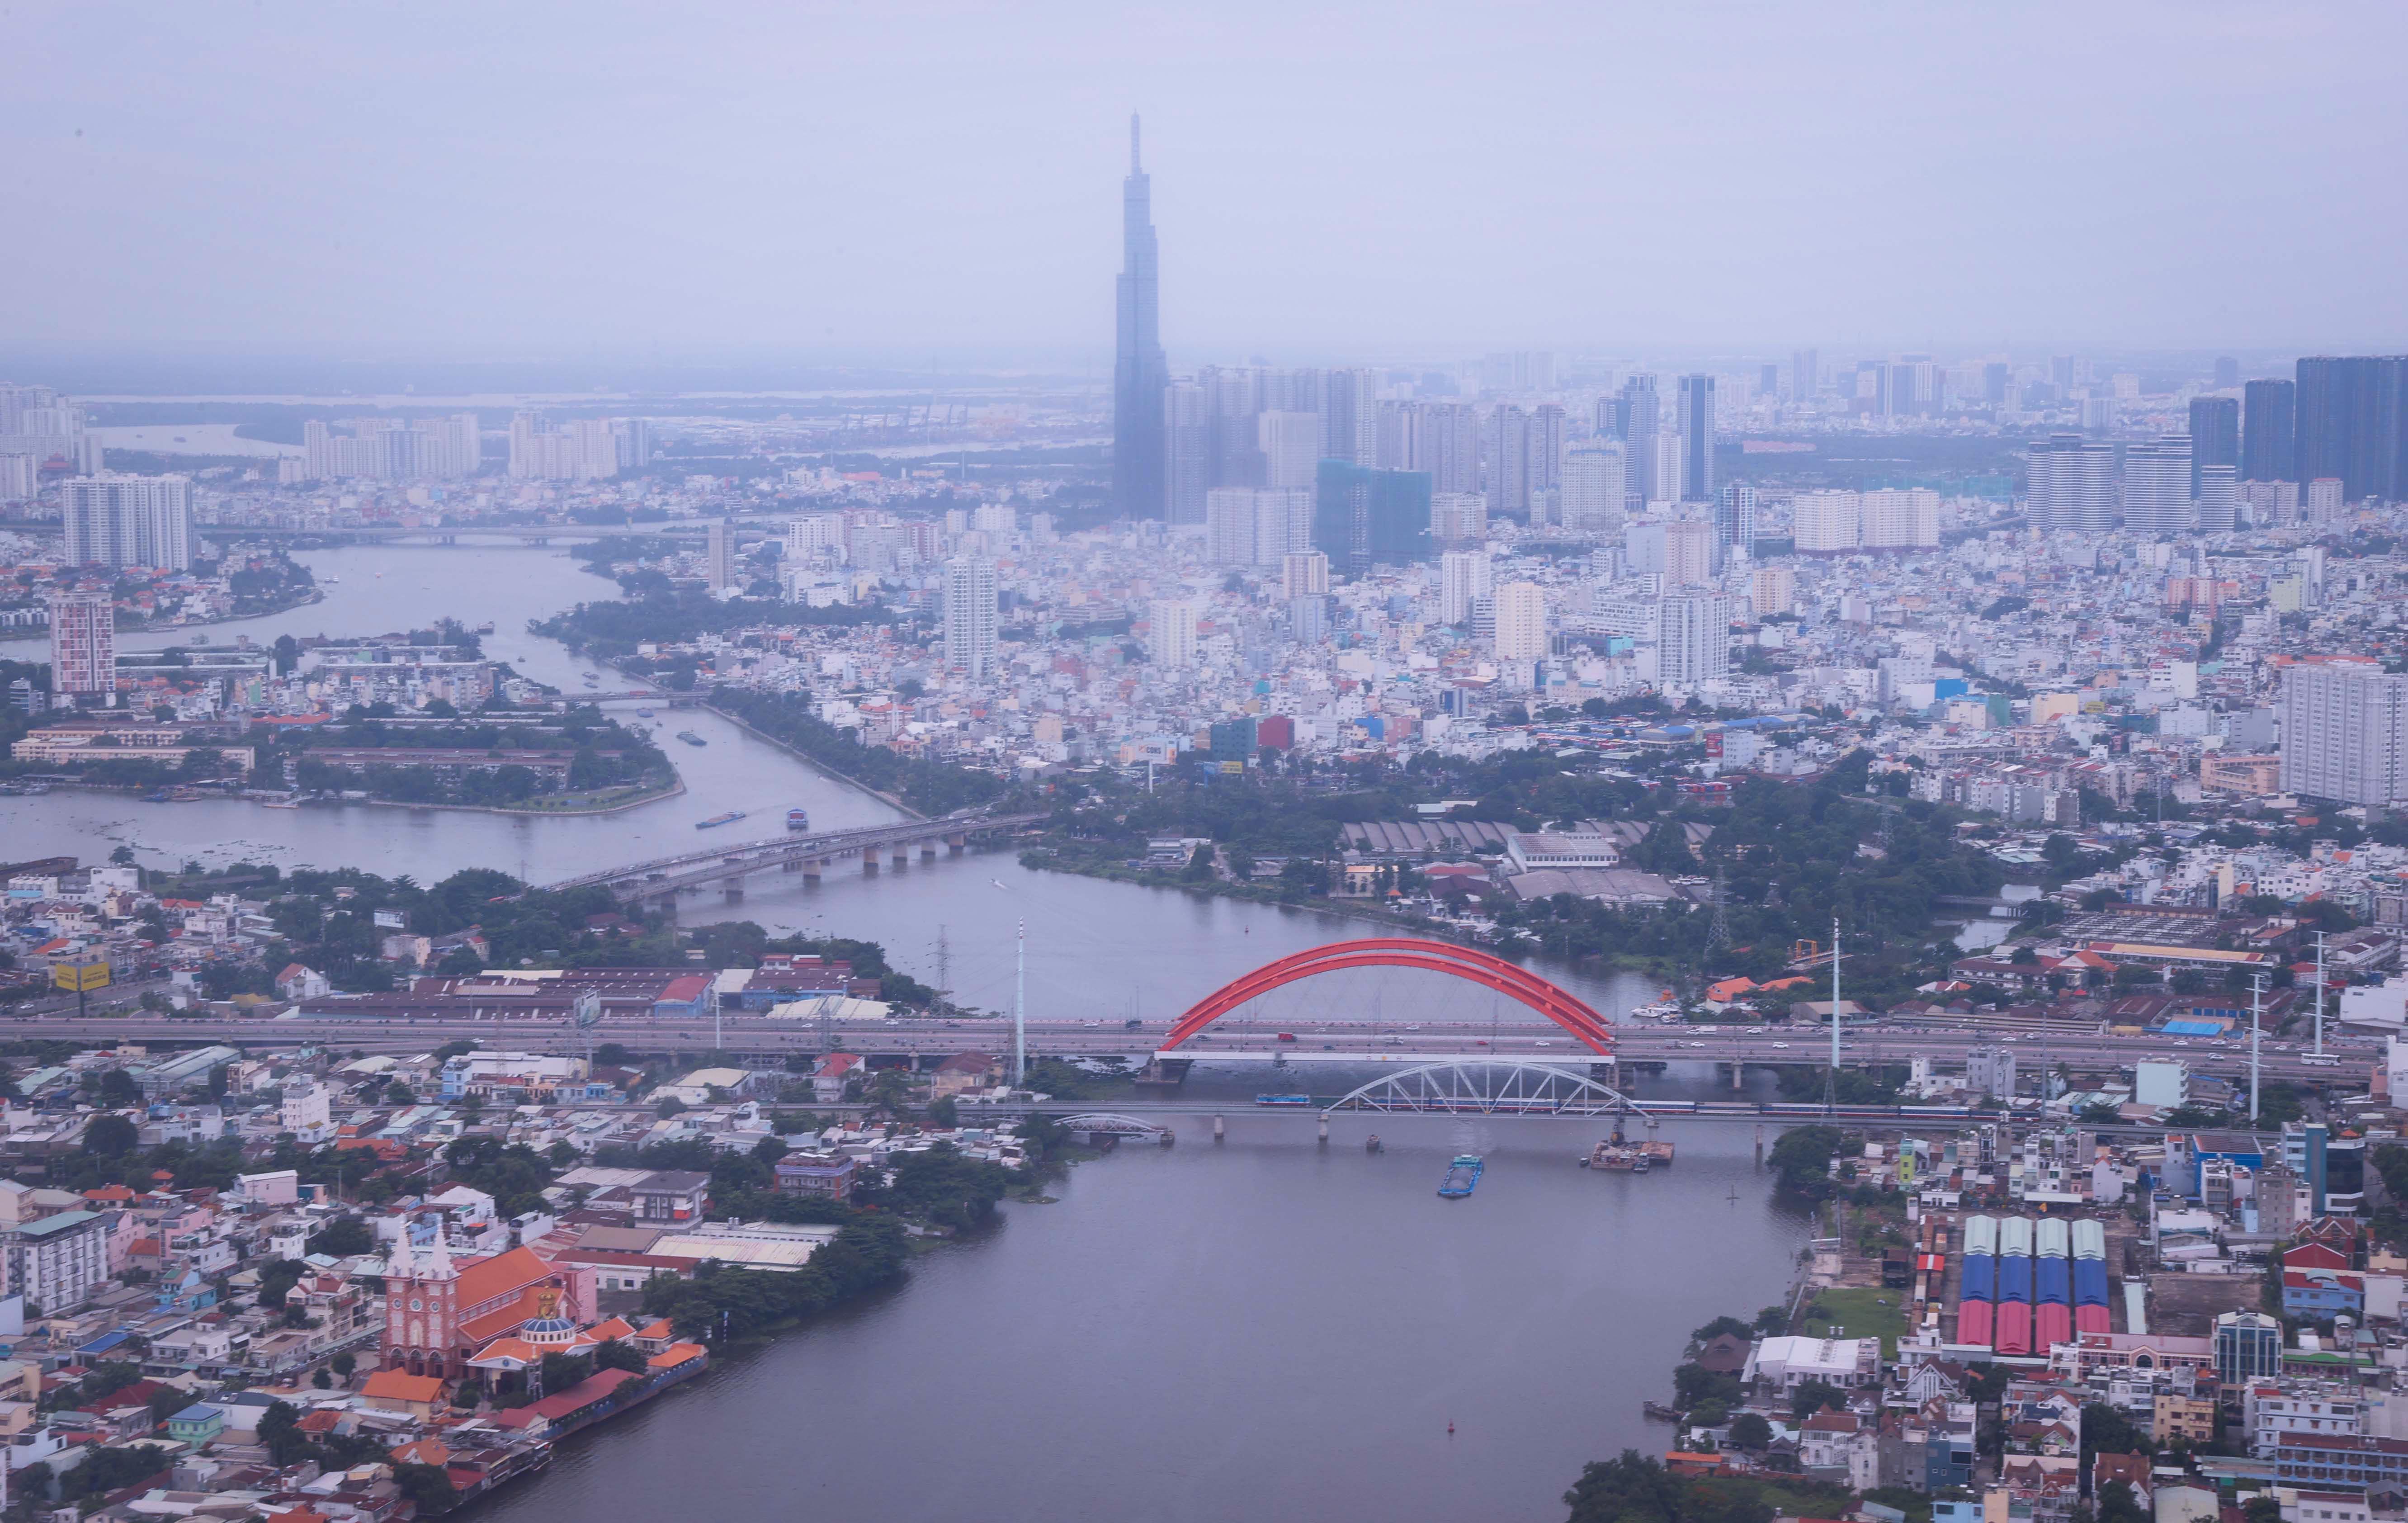 Vi vu sông nước ngắm Sài Gòn từ Water Bus và Gondola